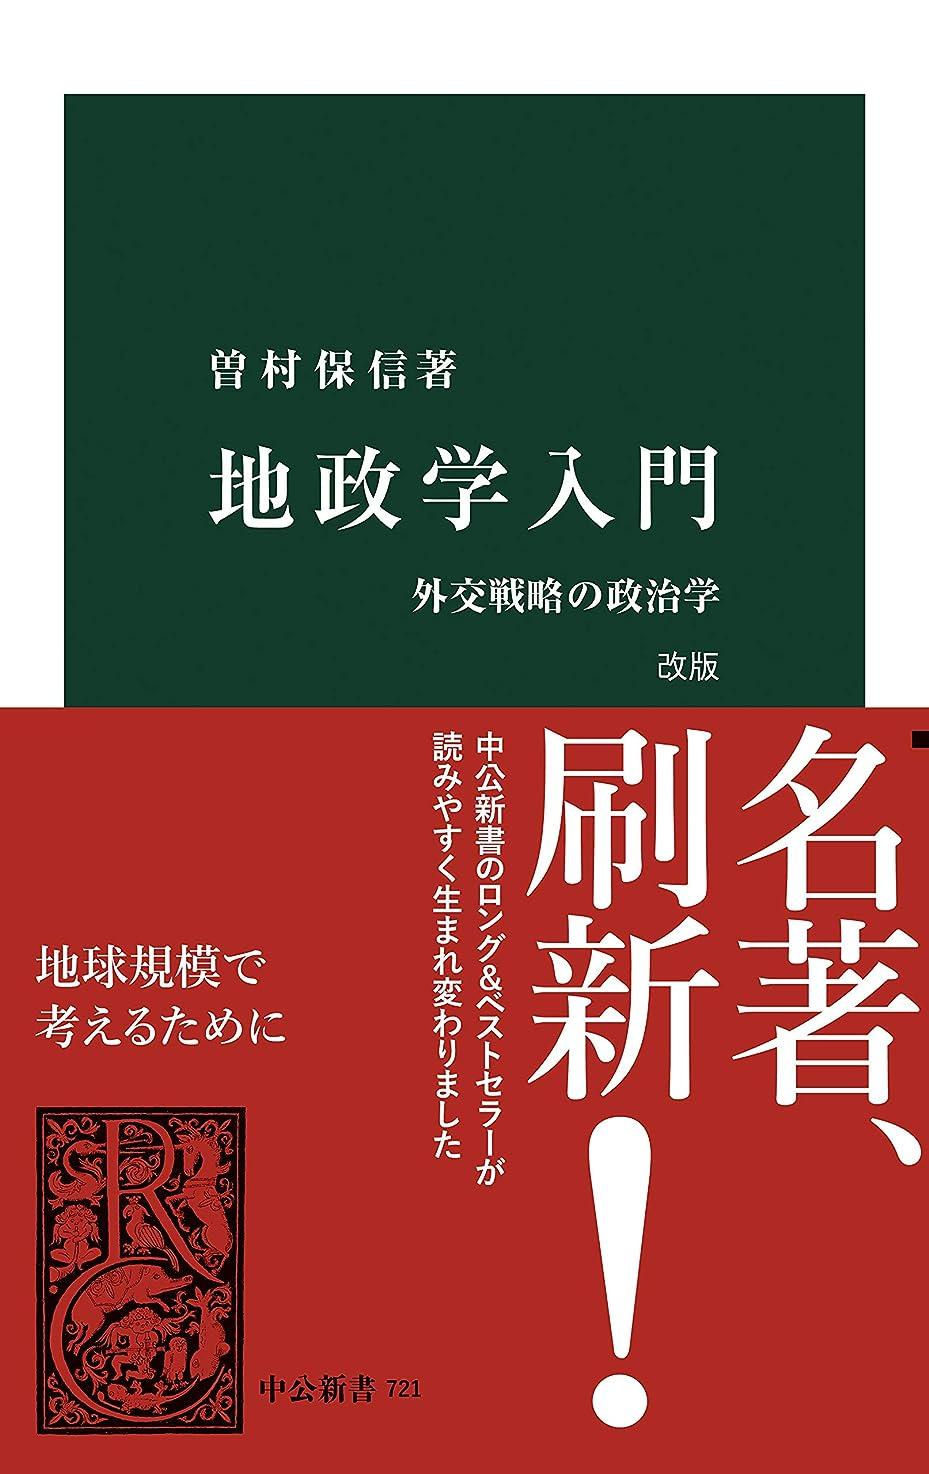 たるみやめる占める地政学入門 改版 外交戦略の政治学 (中公新書)